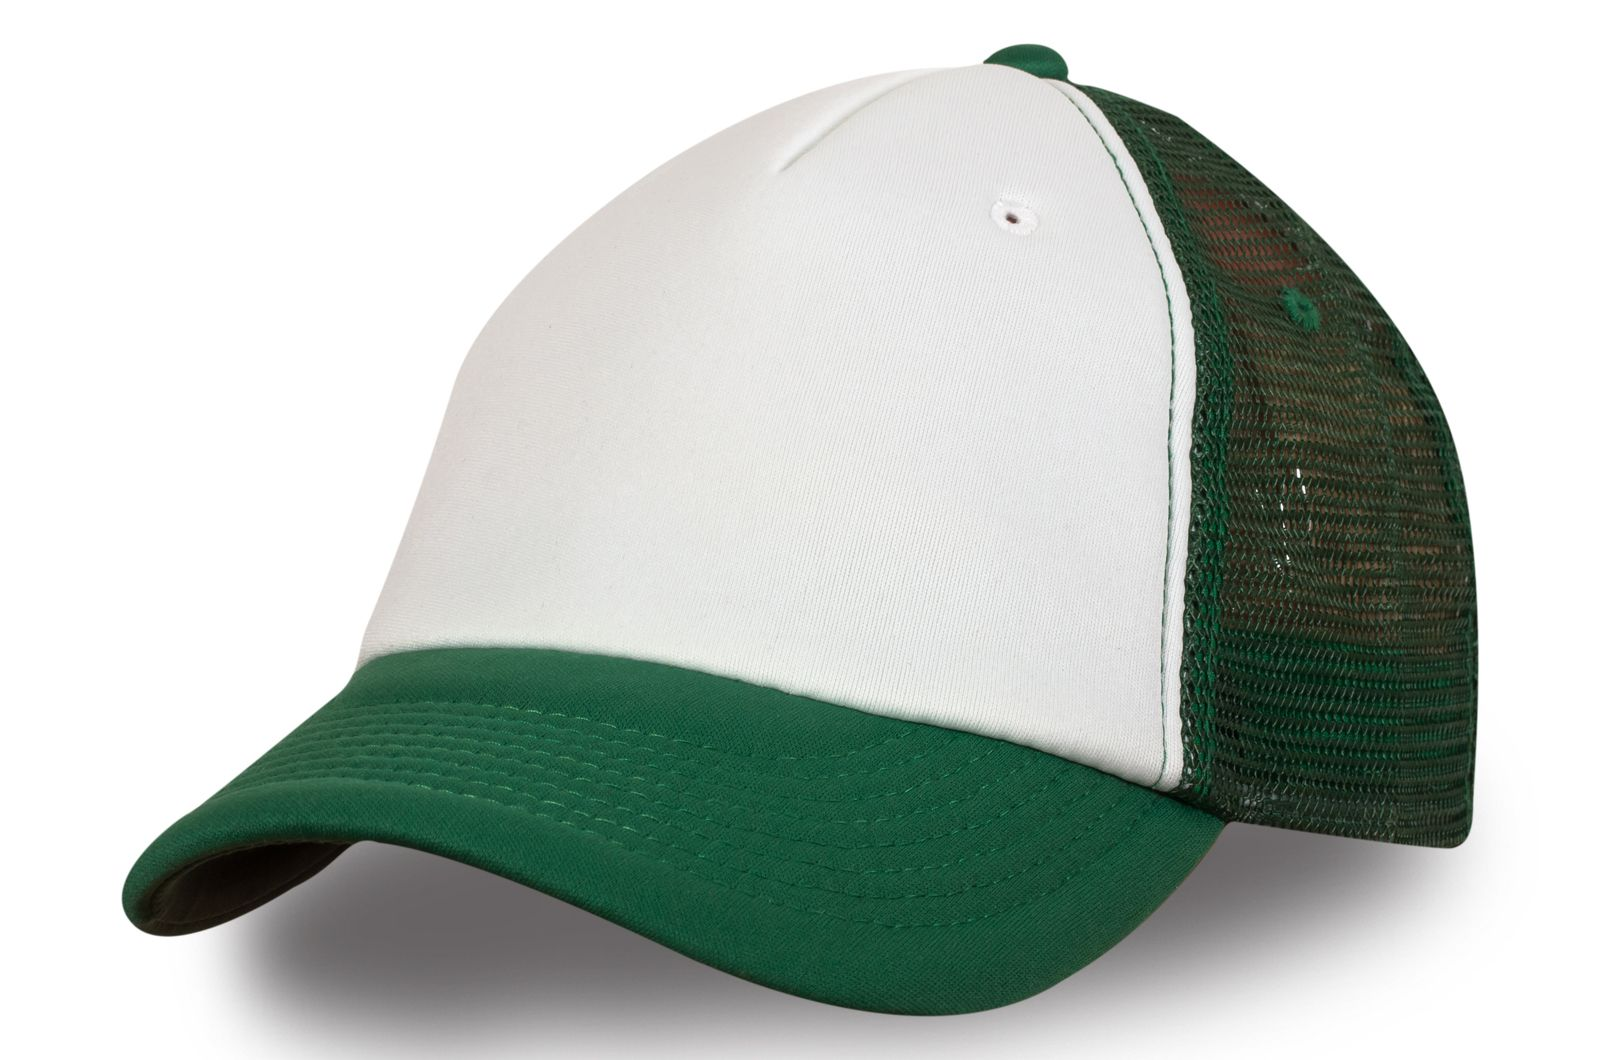 Сетчатая бейсболка бело-зелёная   Купить сетчатые бейсболки